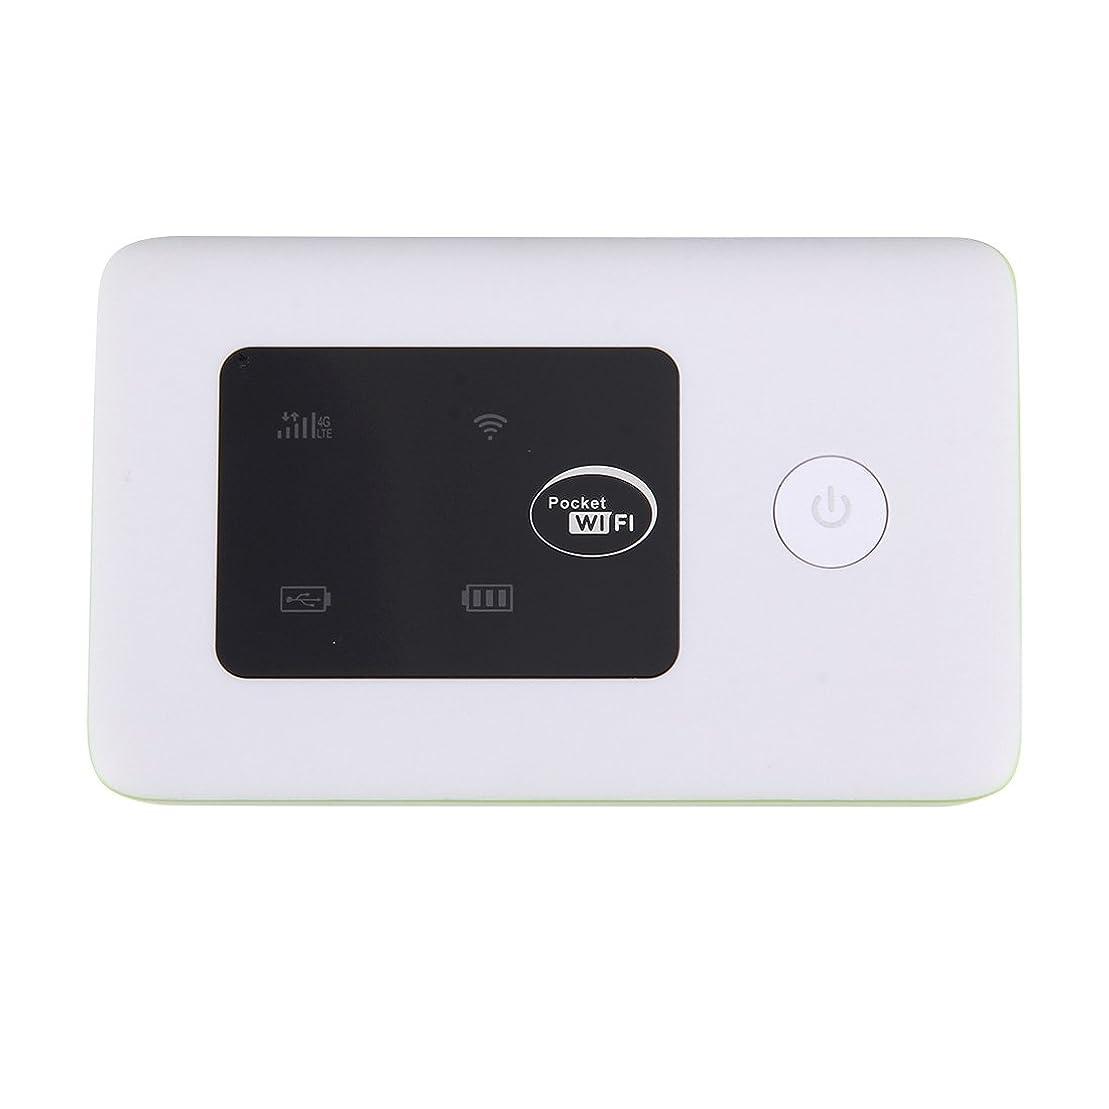 外向き野球保安WTYD コンピュータ LY20 4G LTE 100MbpsワイヤレスWiFiモデム コンピュータ用